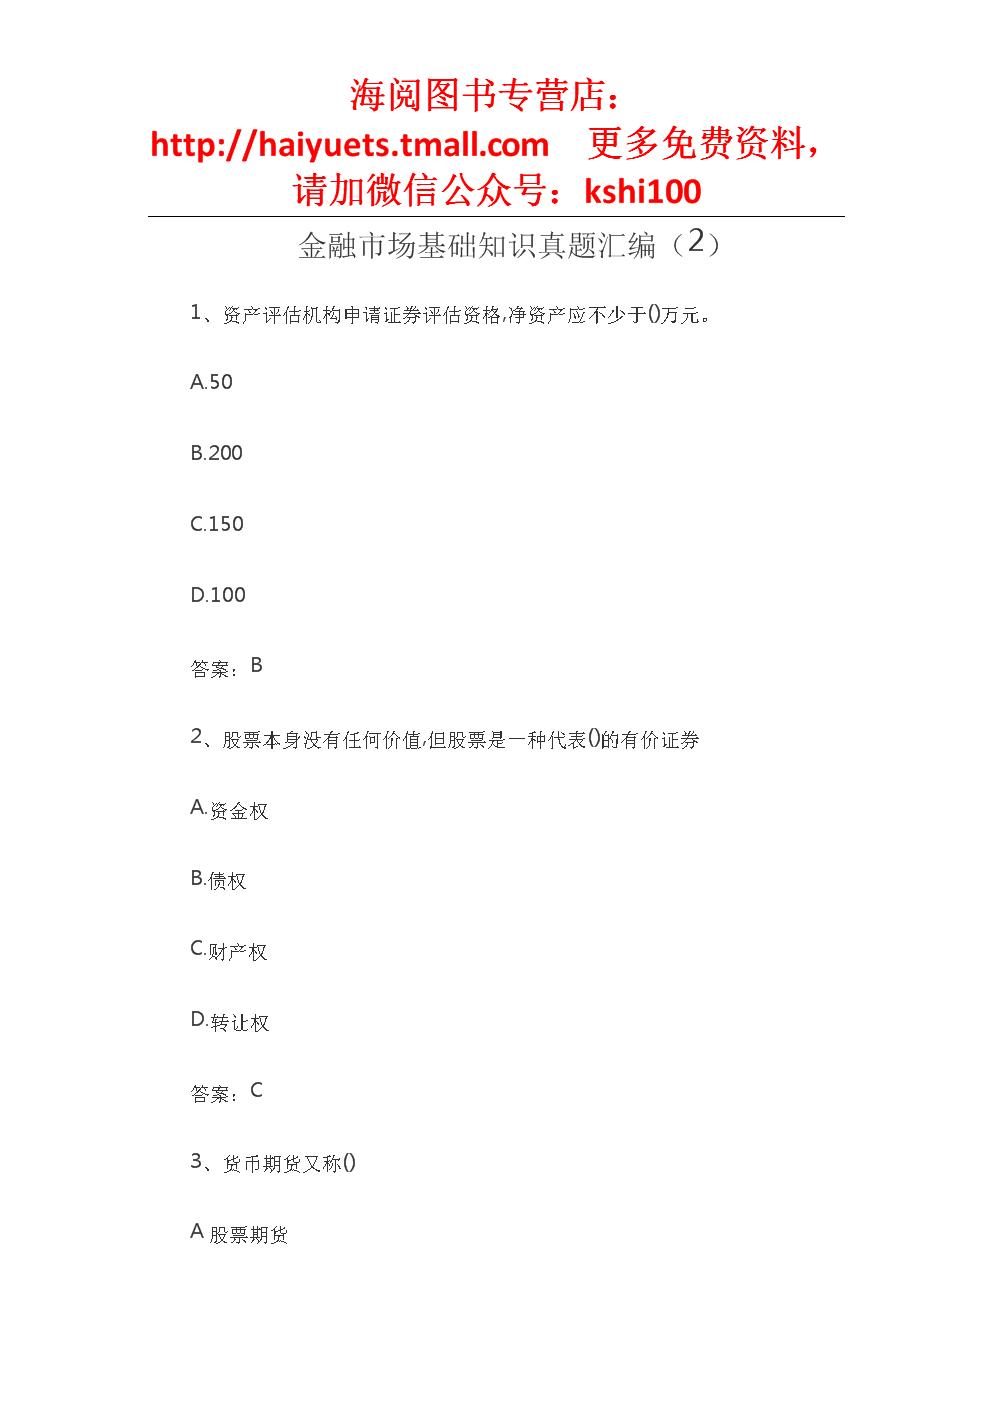 金融市场基础知识真题汇编 (2).docx